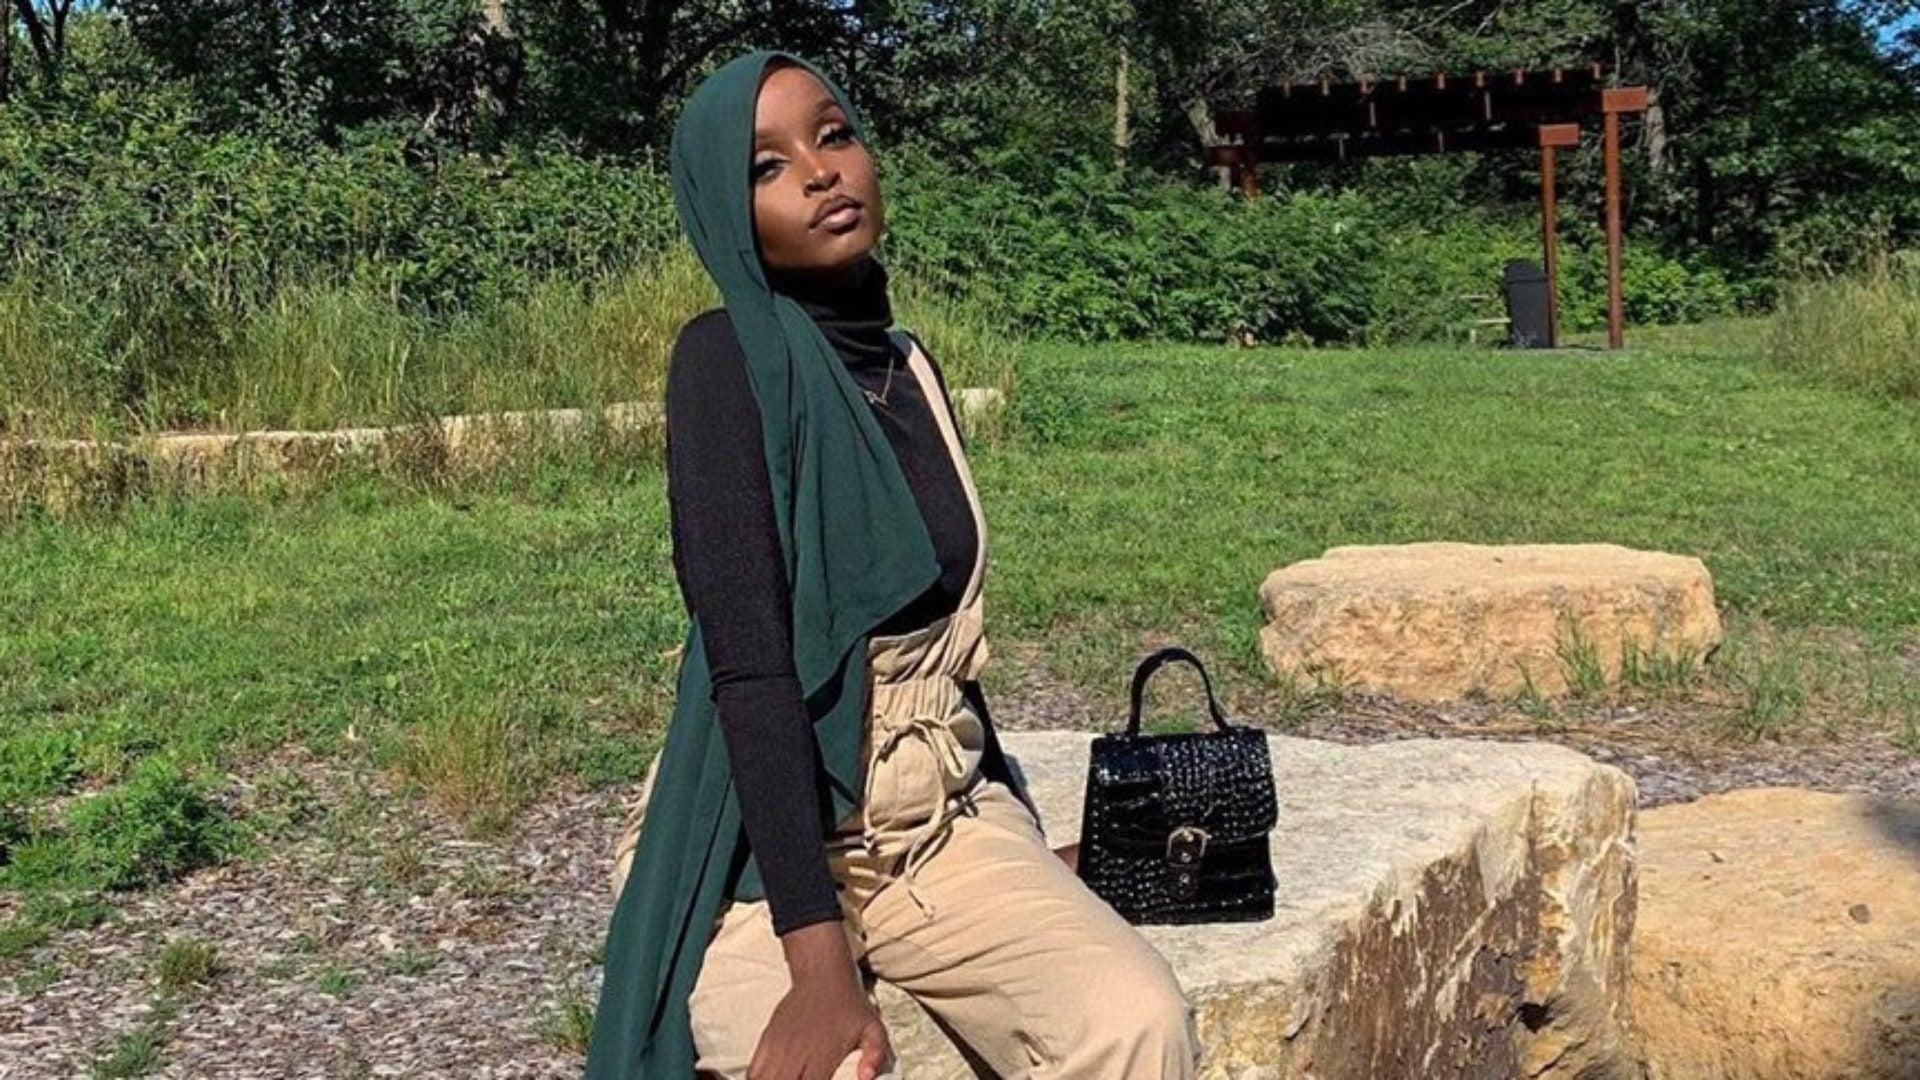 The Best Dressed Black Creatives This Week